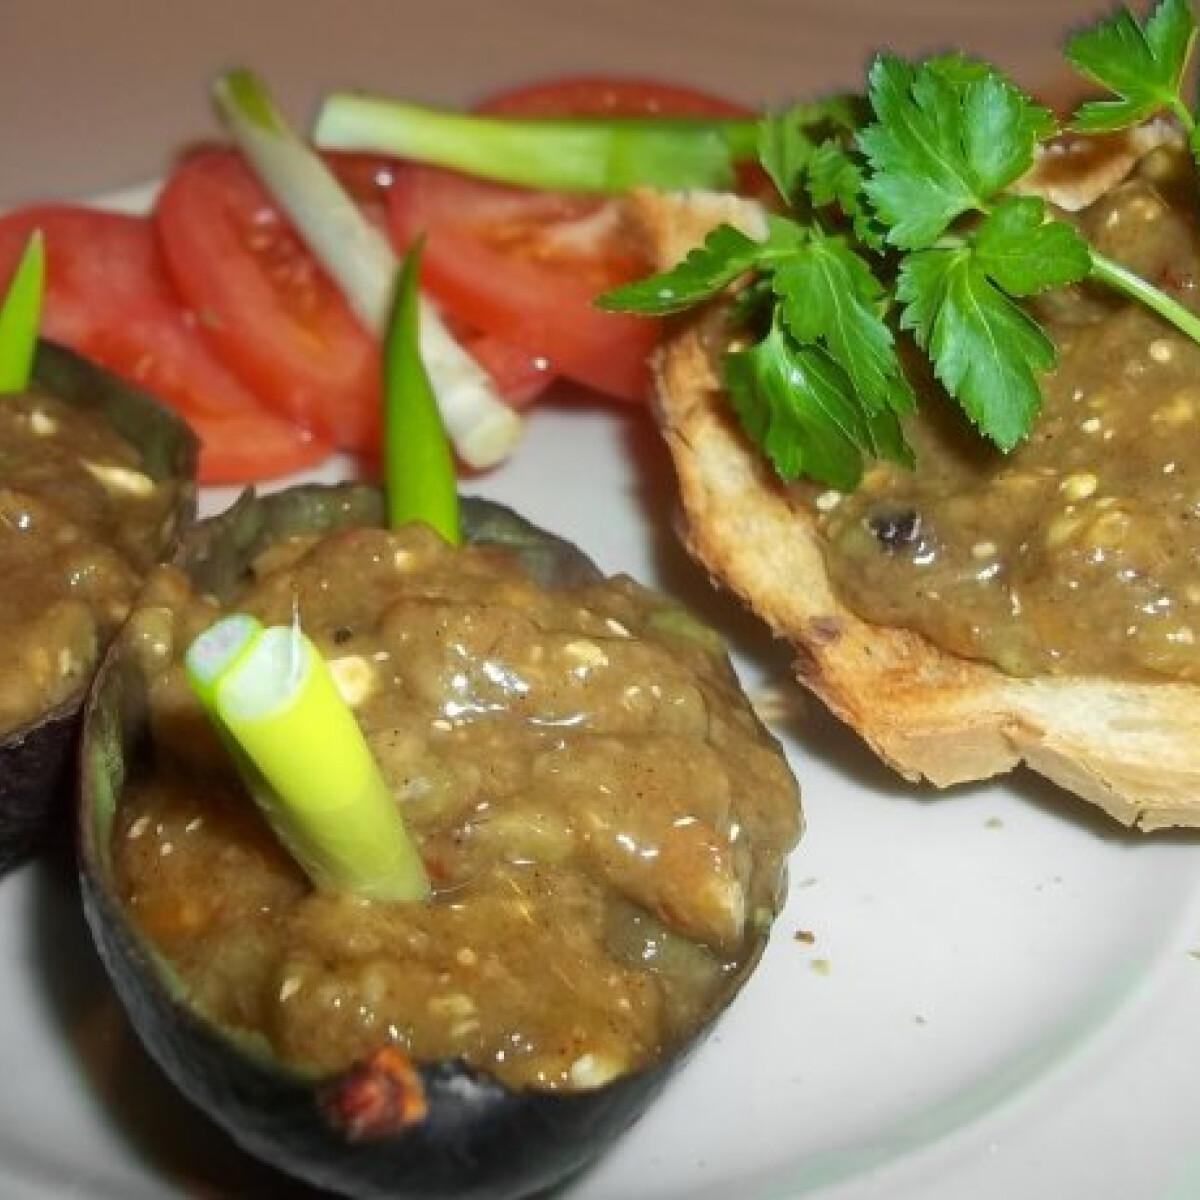 Ezen a képen: Chilis avokádókrém pirítóssal